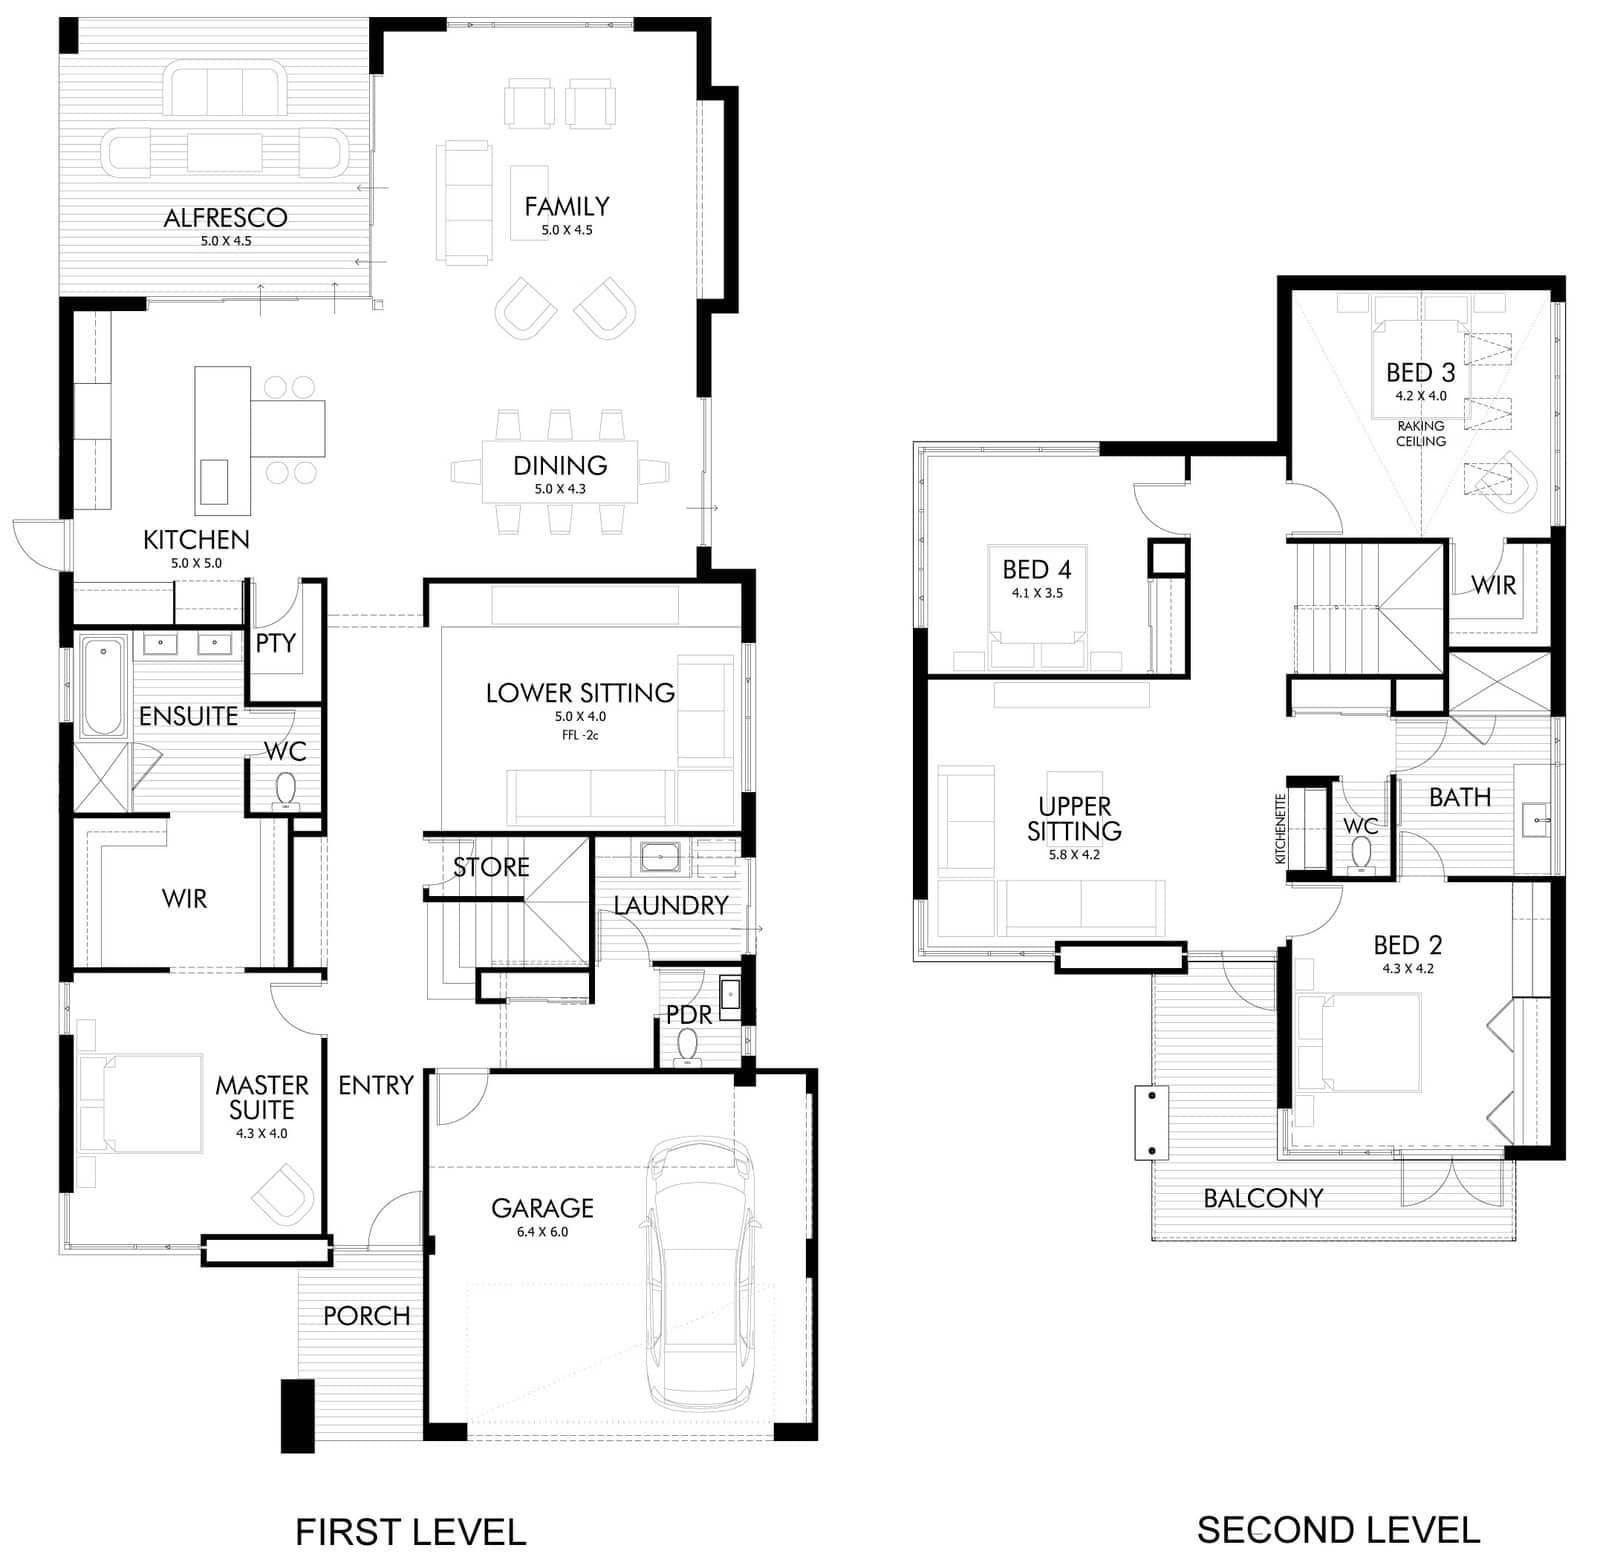 Dise o de casa moderna de dos pisos fachada e interiores for Planos de casas de 2 plantas